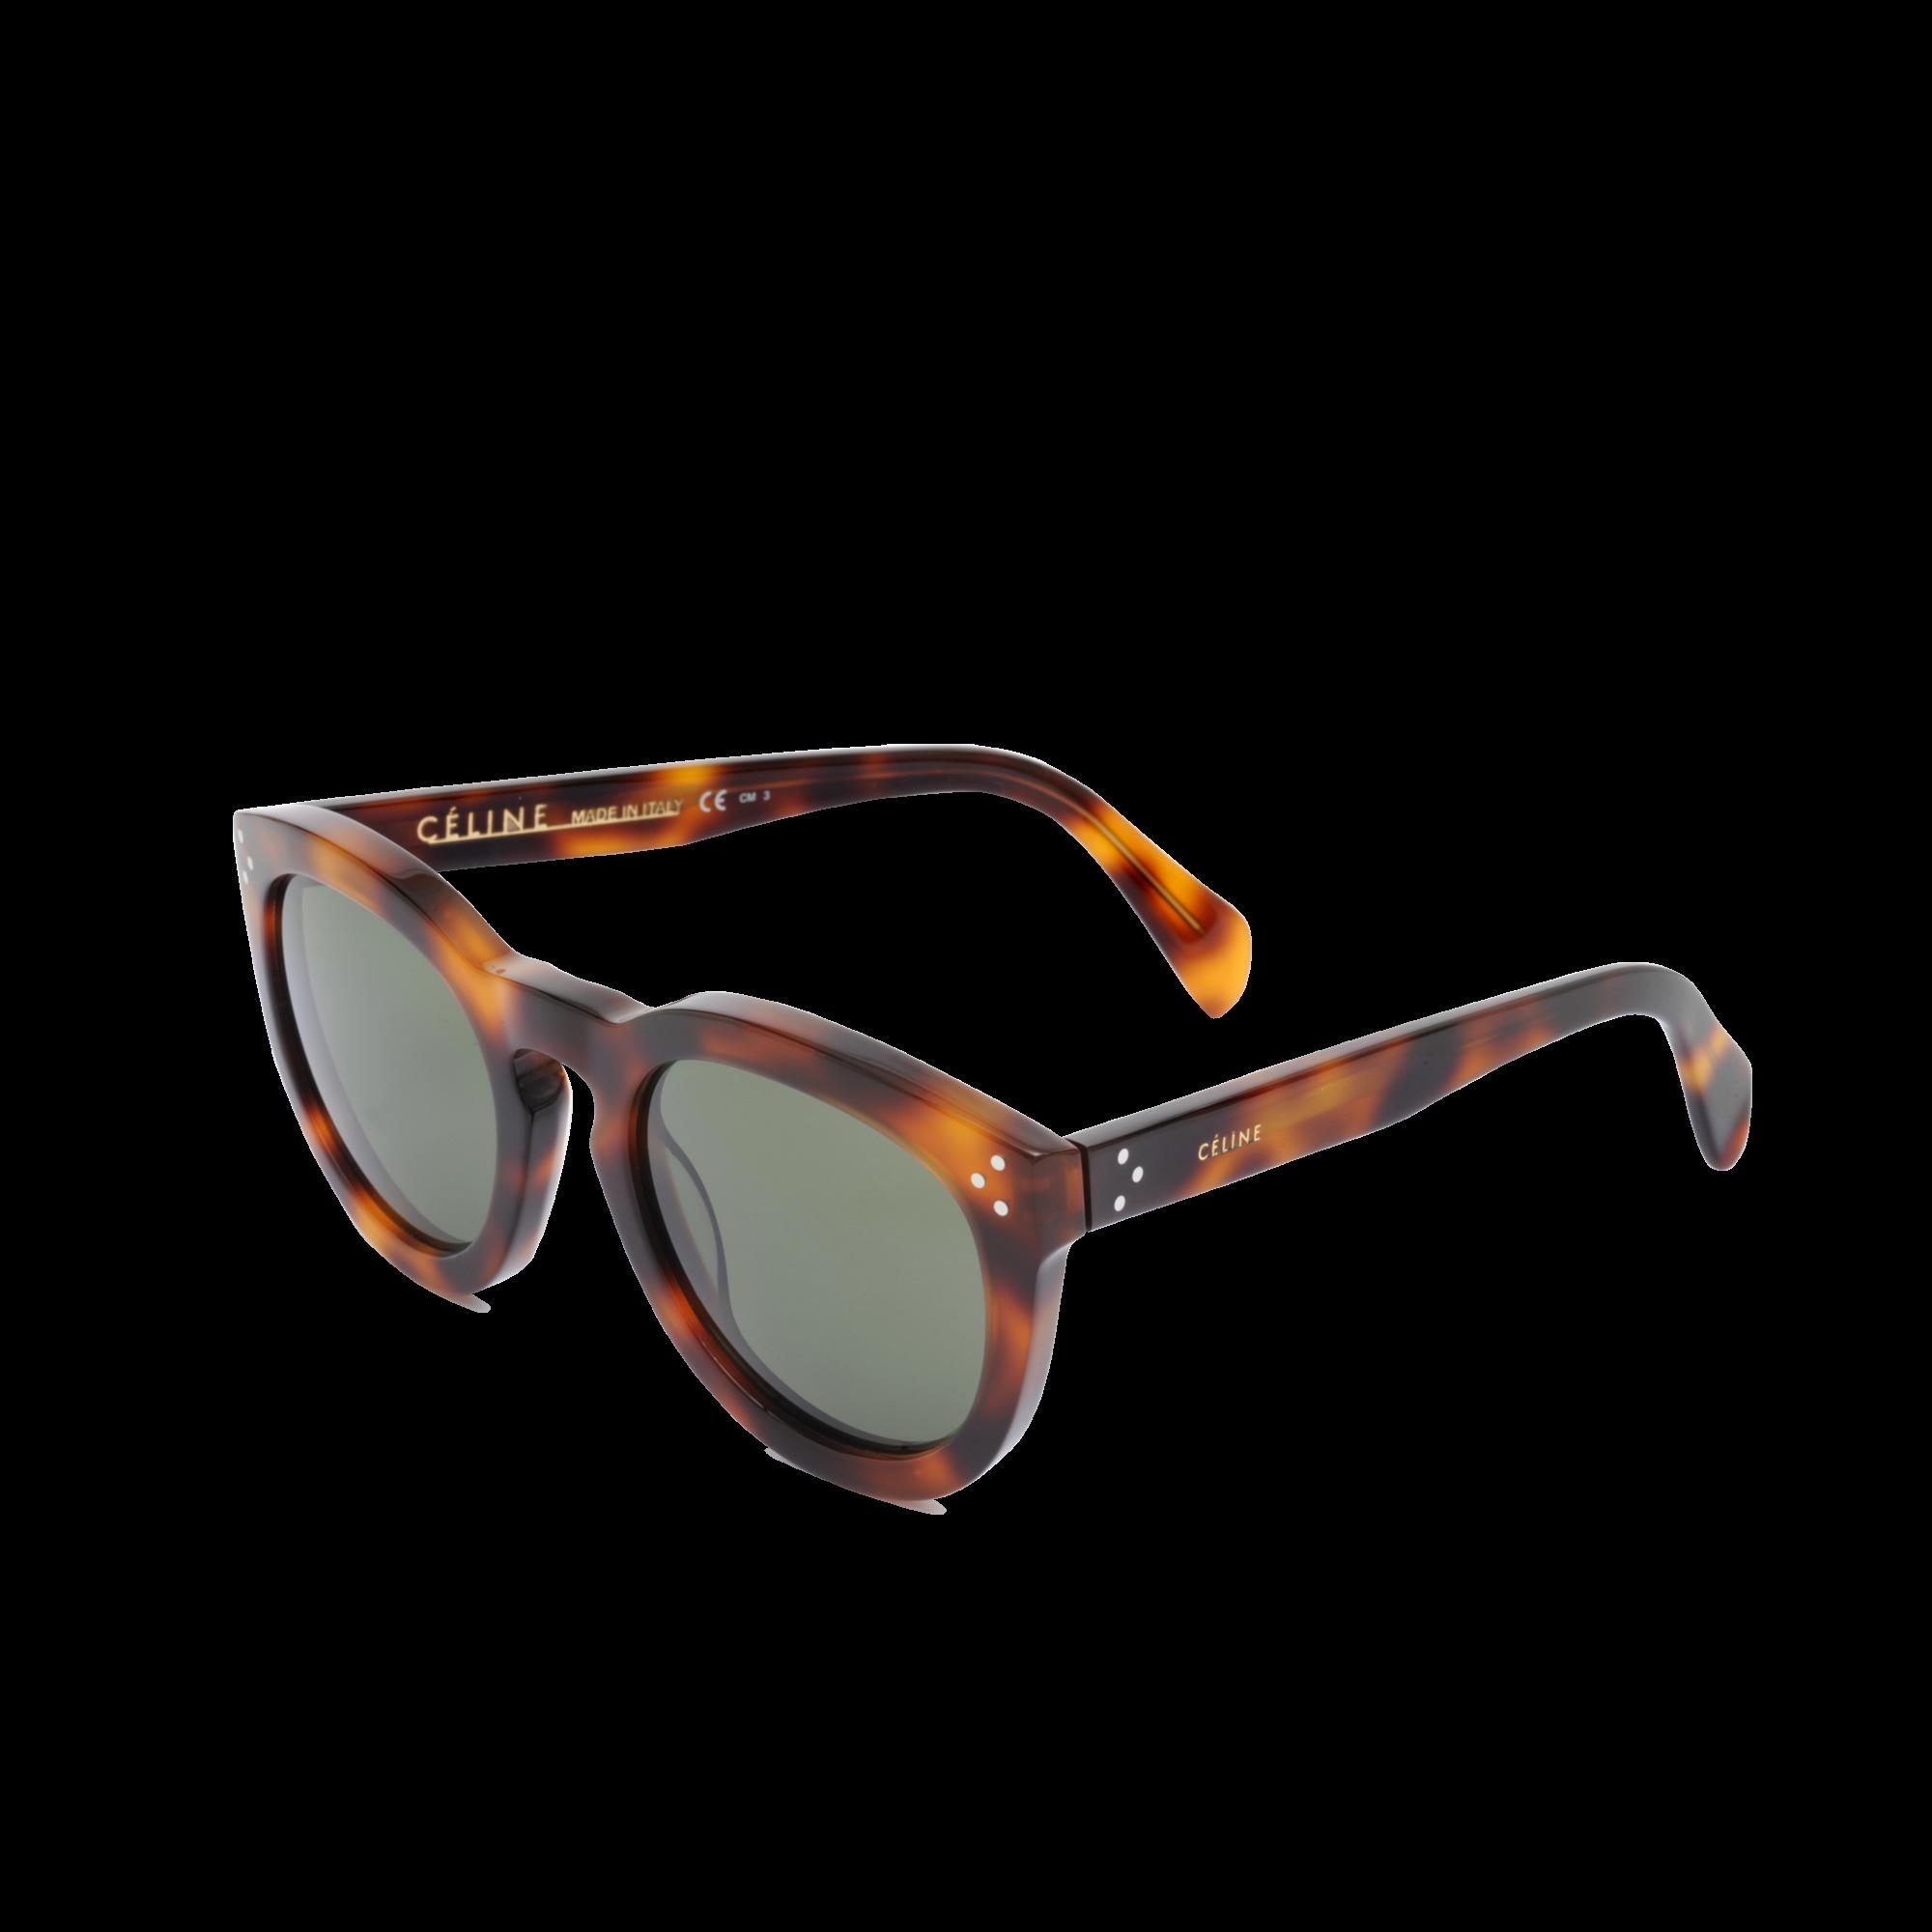 c685b8fbfbc Céline Sunglasses CL 41801 S - MONNIER Frères